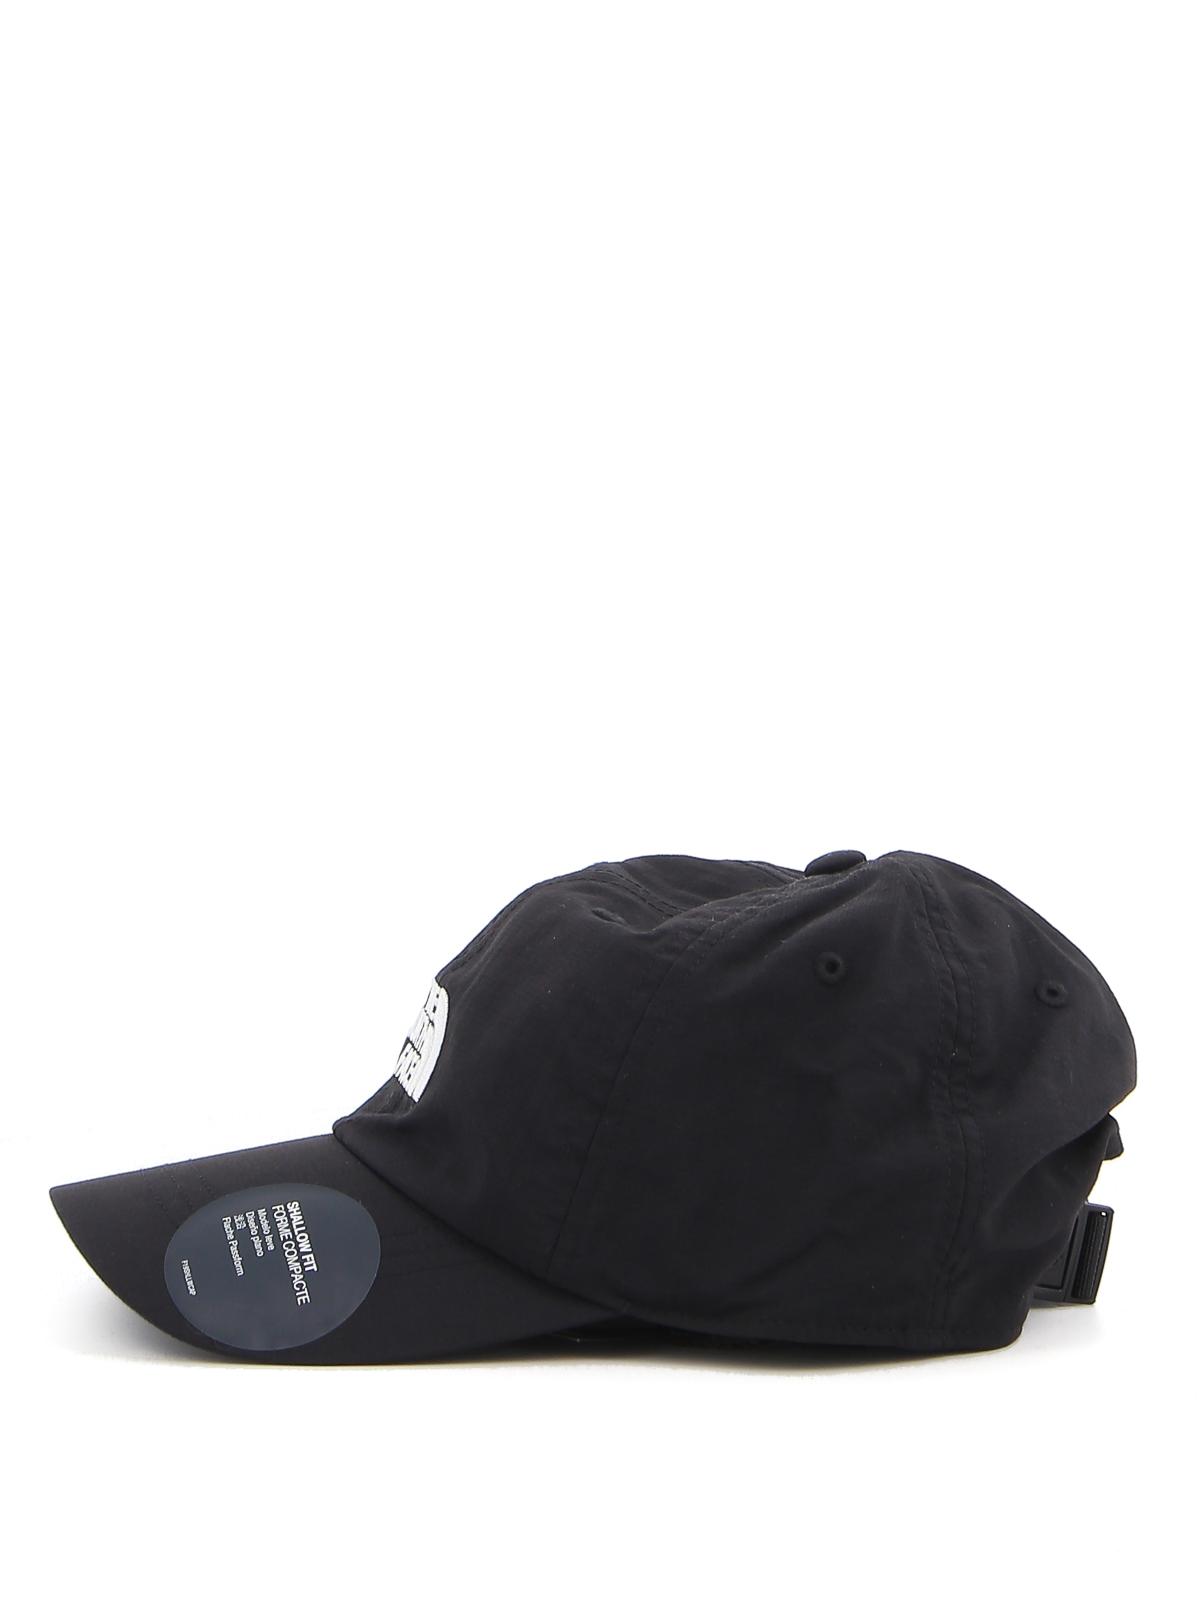 Immagine di The North Face | Horizon Hat Tnf Black